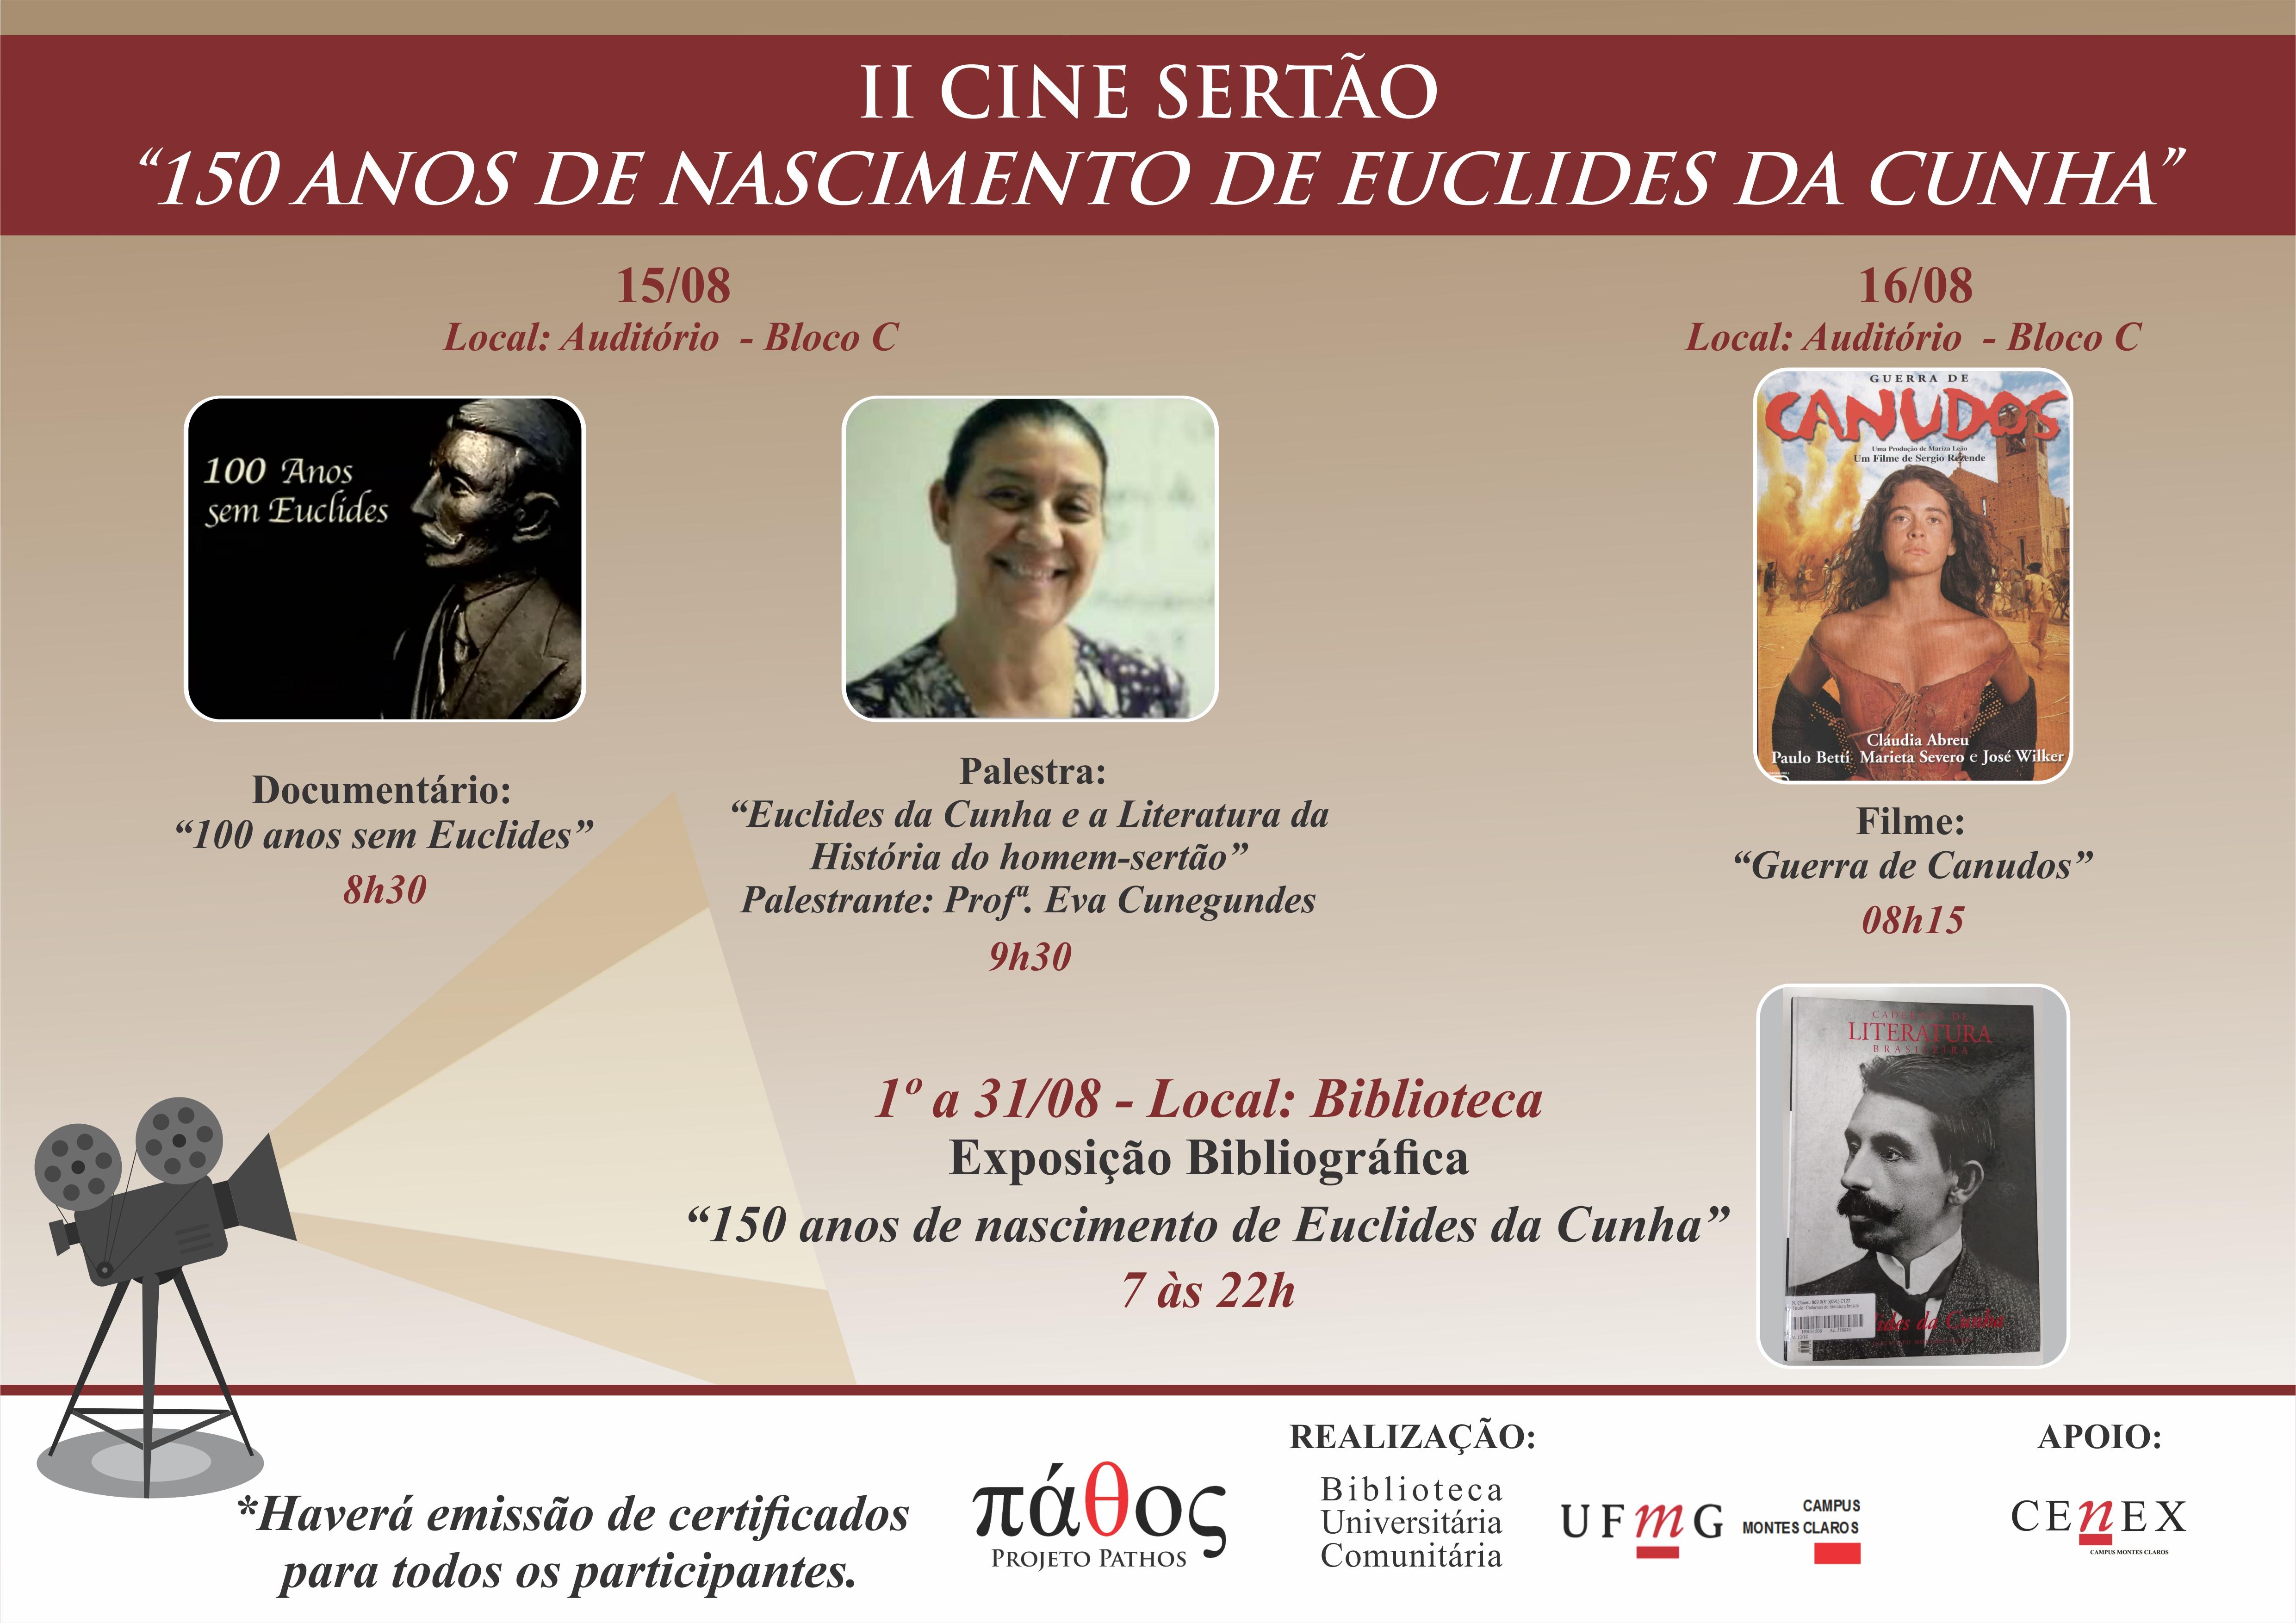 II Cine Sertão